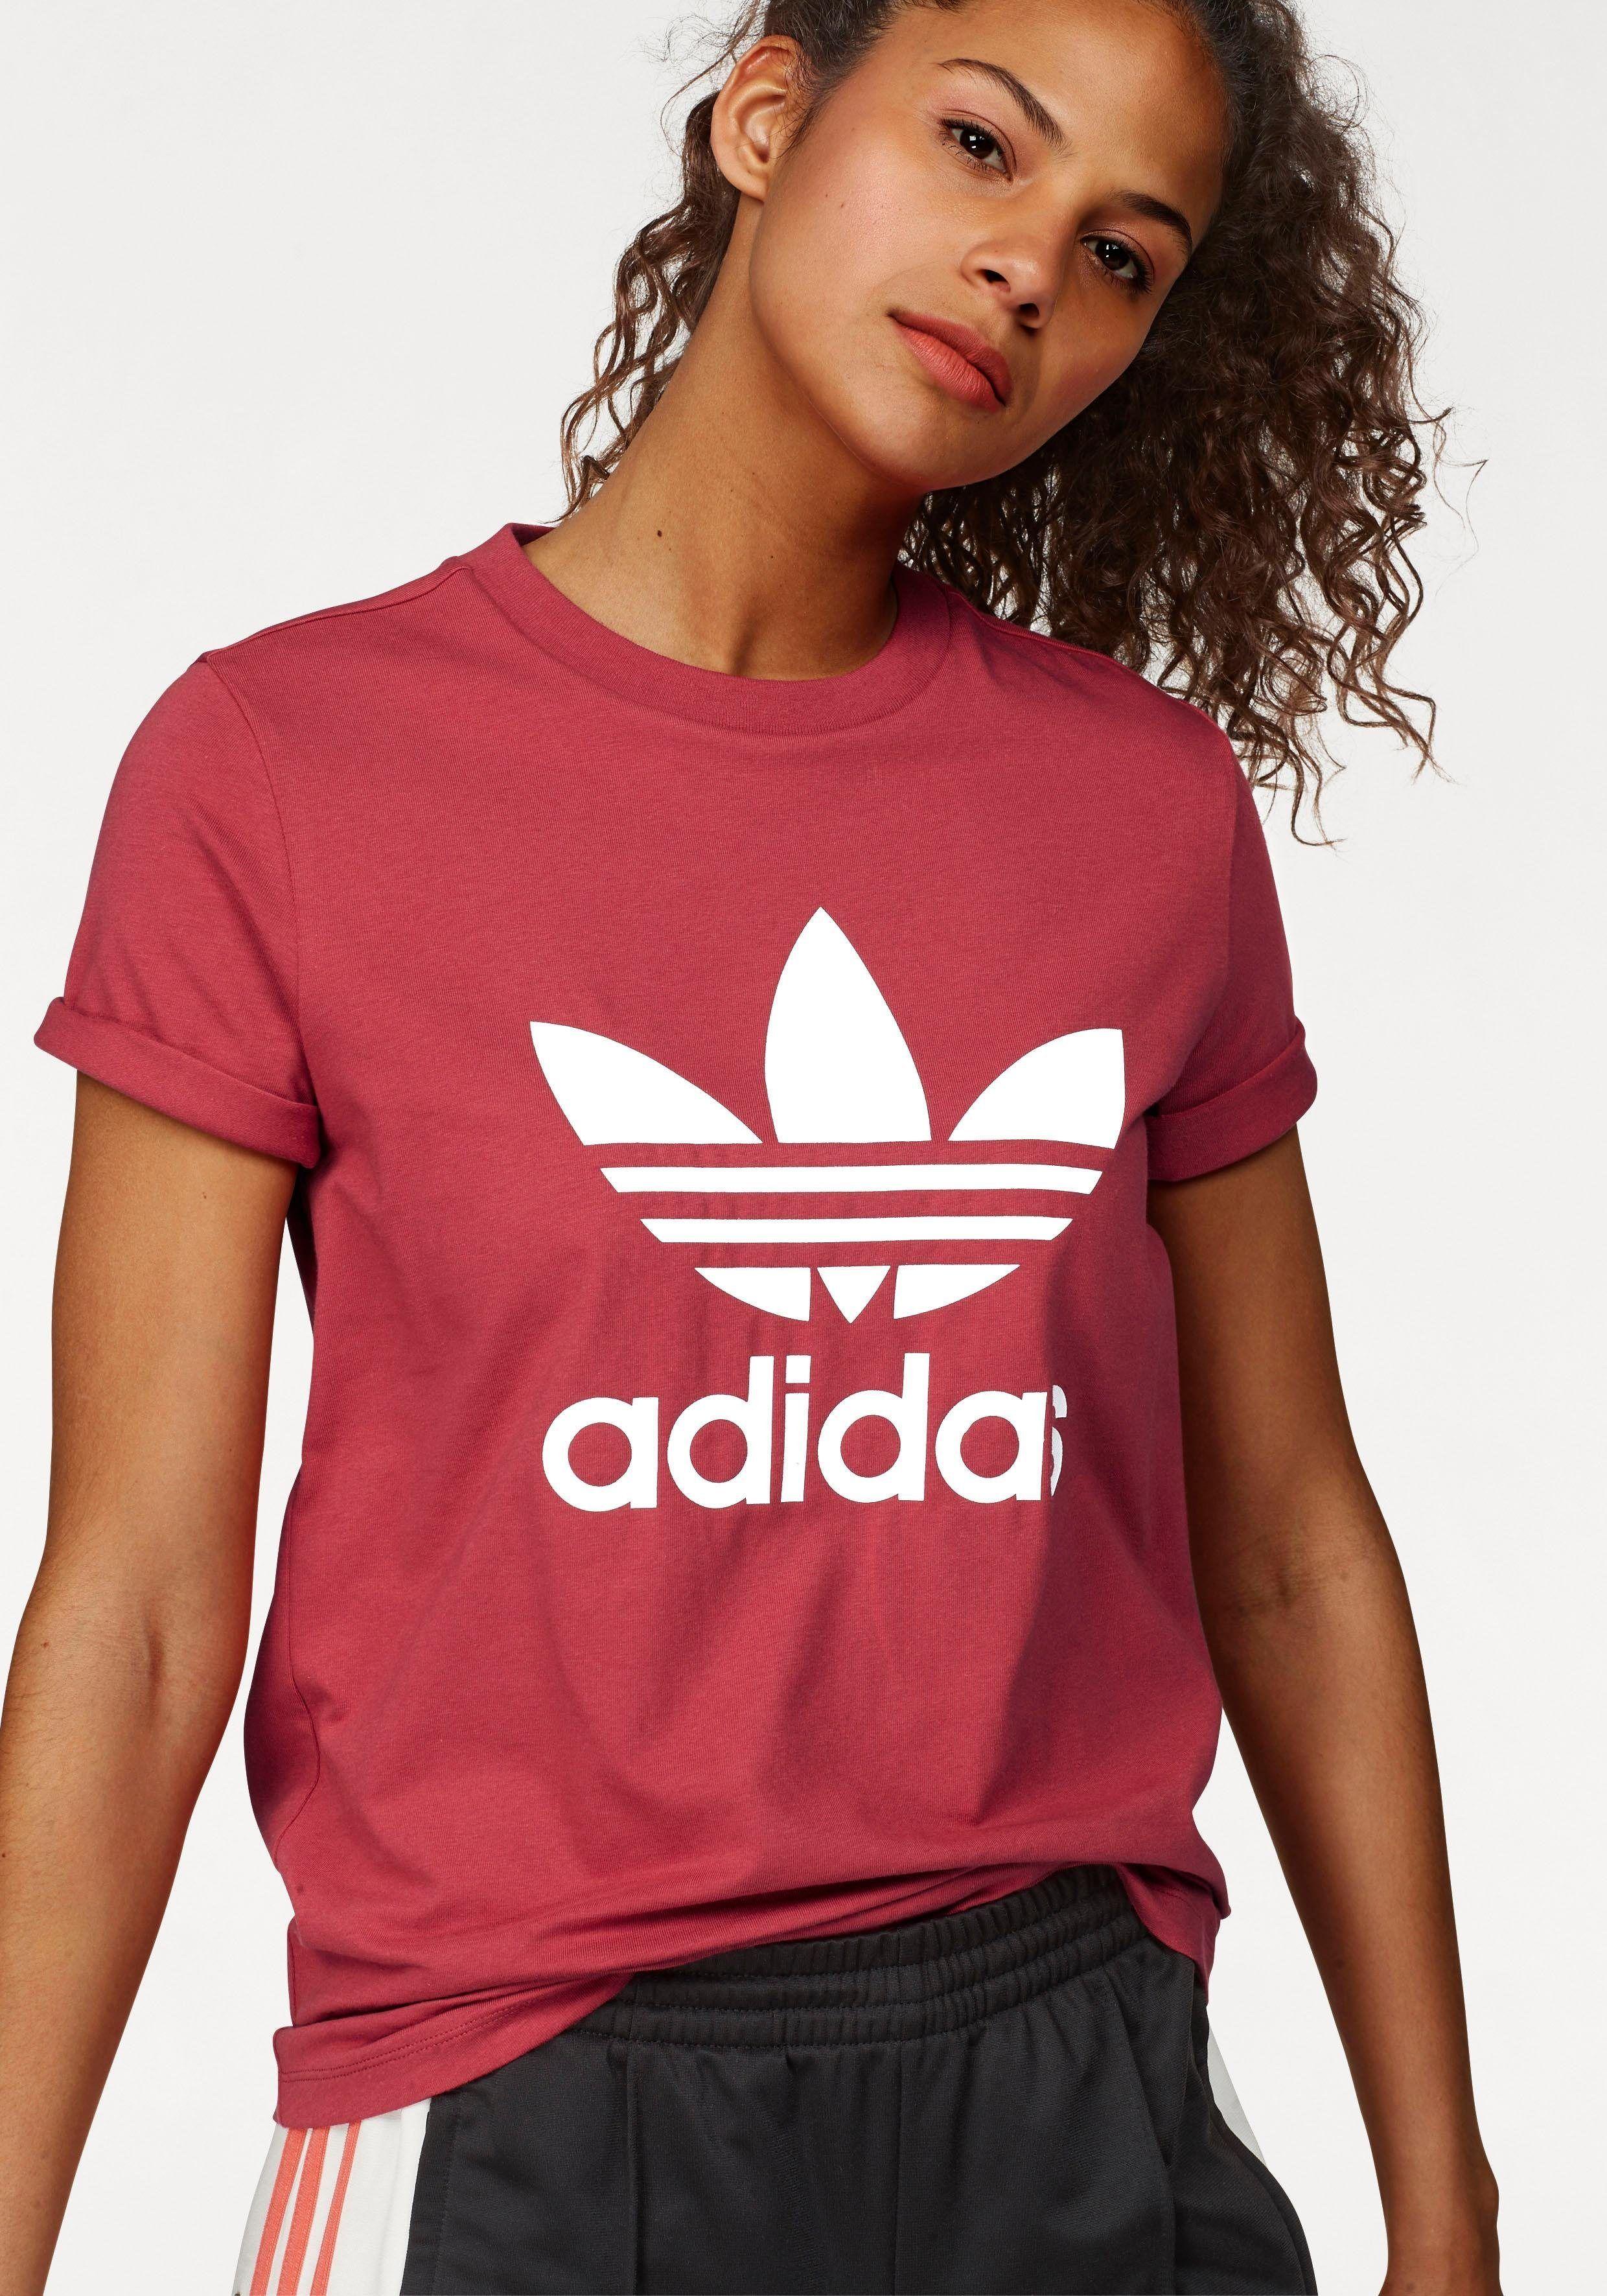 adidas Trainingsshirt Aboutyou Sale Adidas Damen Performance f4UAE